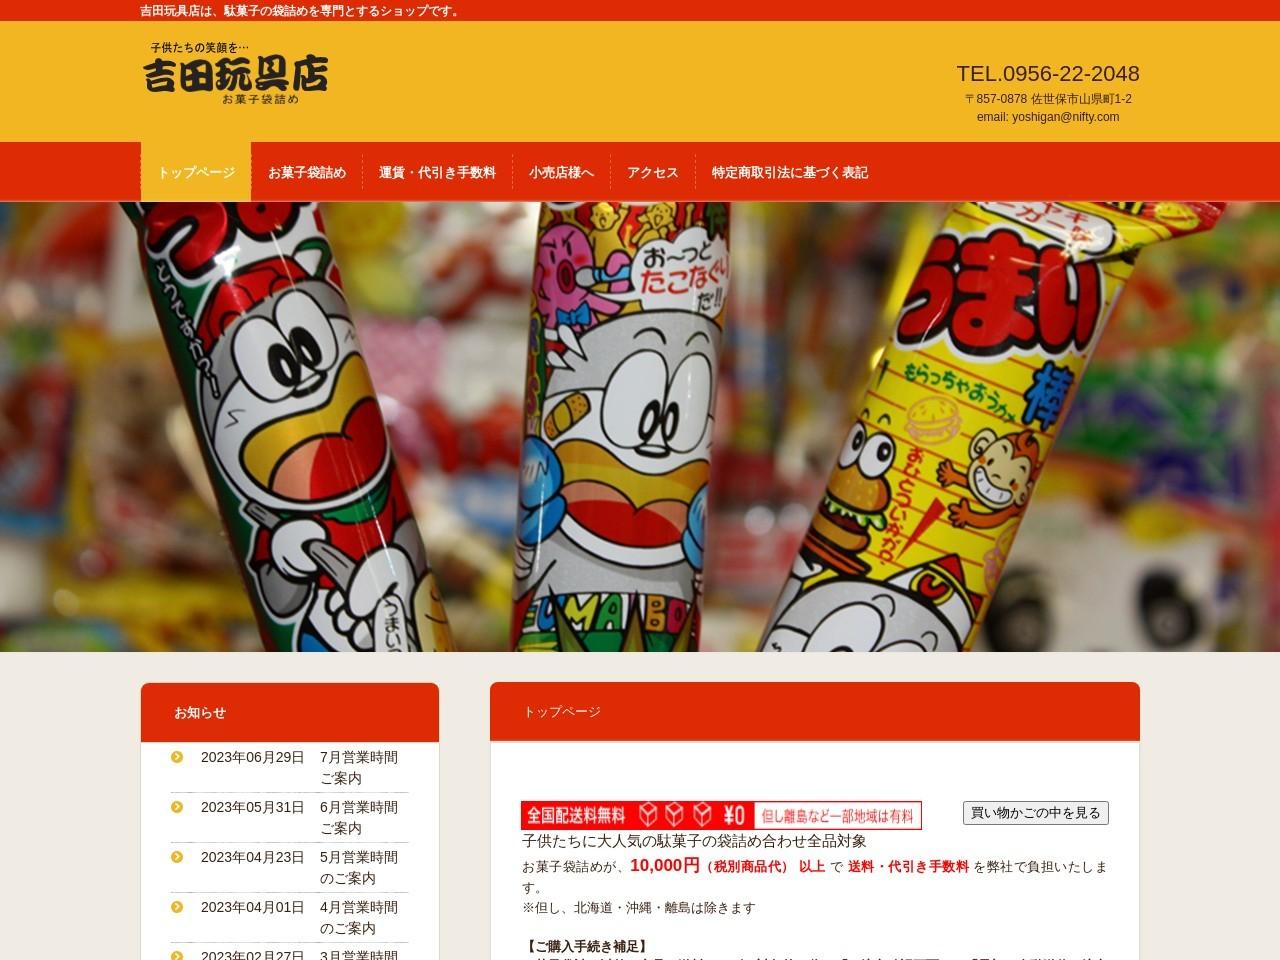 駄菓子・お菓子の袋詰め 吉田玩具店 | 吉田玩具店は、駄菓子の袋詰めを専門とするショップです。